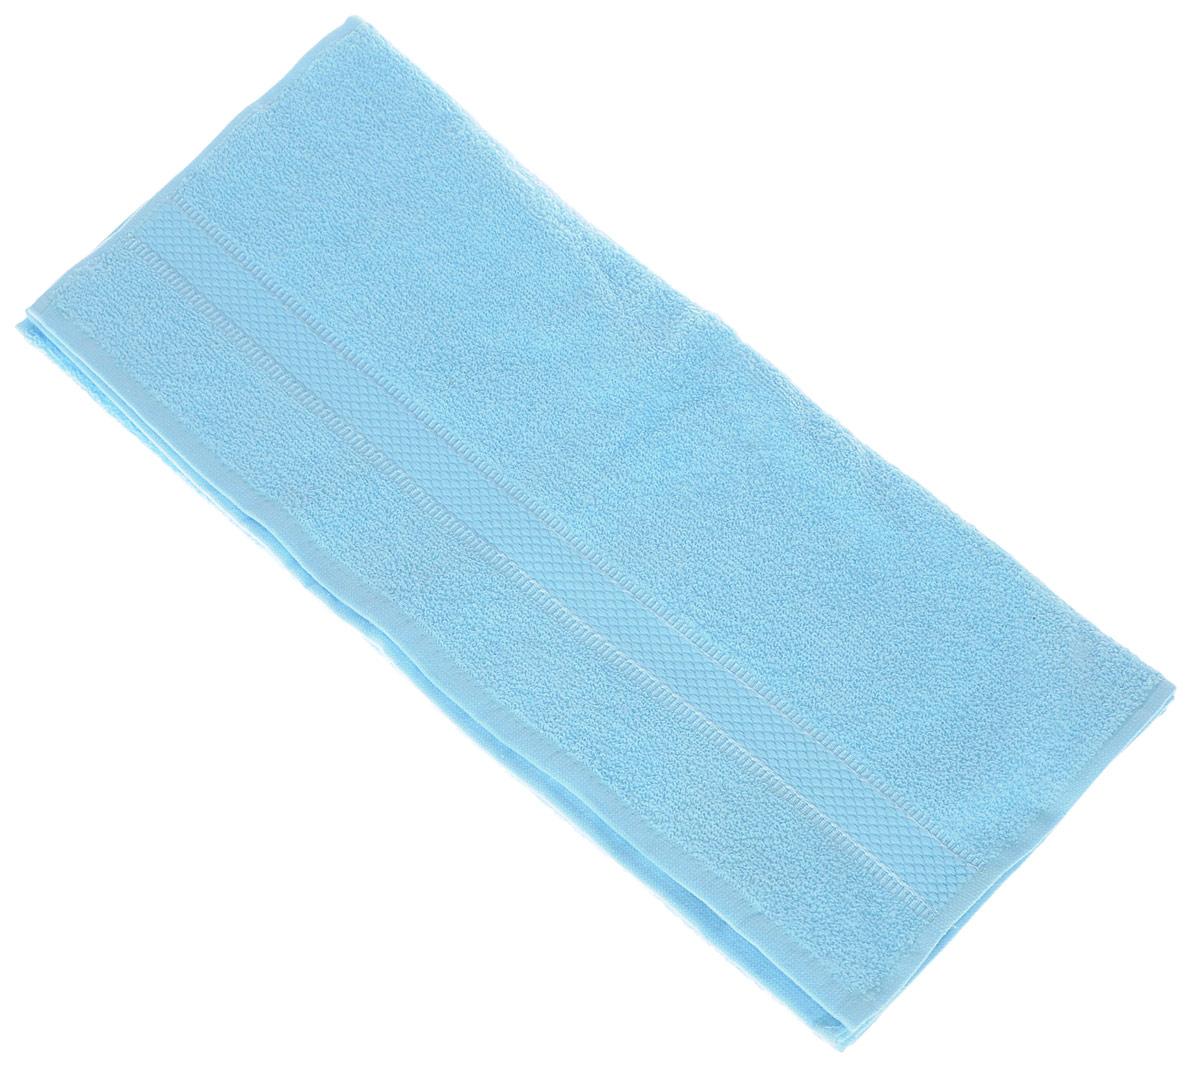 Полотенце Brielle Basic, цвет: бирюзовый, 50 х 85 см1209Полотенце Brielle Basic выполнено из 100% хлопка. Изделие очень мягкое, оно отлично впитывает влагу, быстро сохнет, сохраняет яркость цвета и не теряет формы даже после многократных стирок. Лаконичные бордюры подойдут для любого интерьера ванной комнаты. Полотенце прекрасно впитывает влагу и быстро сохнет. При соблюдении рекомендаций по уходу не линяет и не теряет форму даже после многократных стирок. Полотенце Brielle Basic очень практично и неприхотливо в уходе. Такое полотенце послужит приятным подарком.